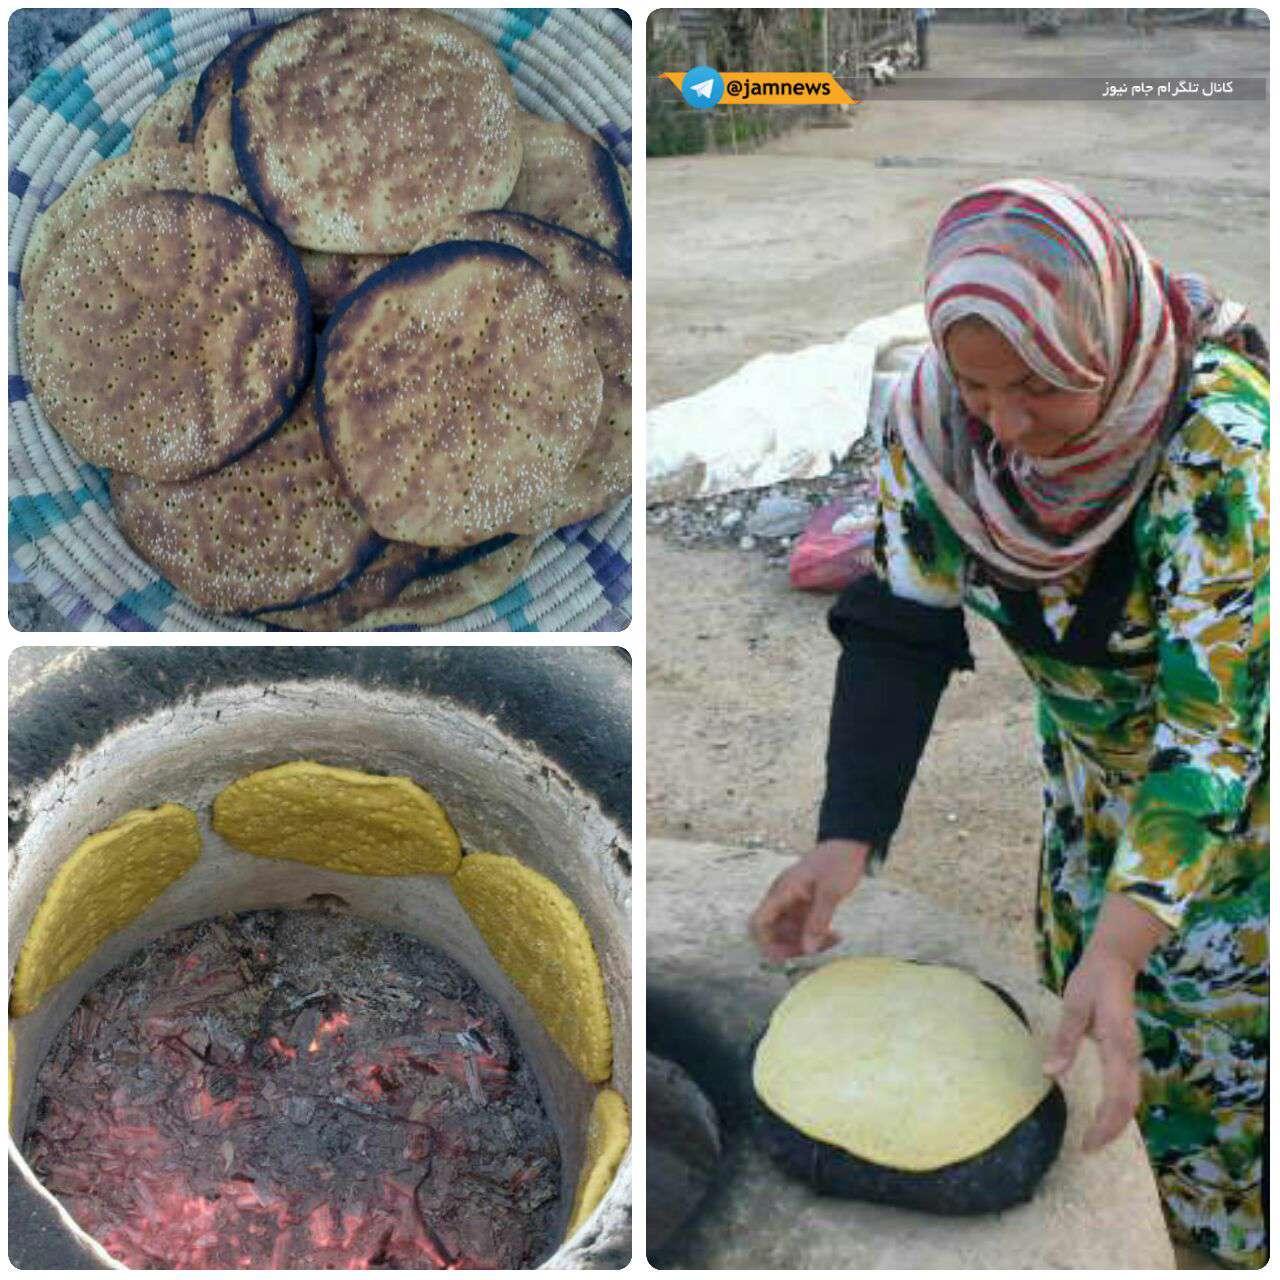 نان لذیذ محلی به نام گرده که در استان بوشهر در تنور گِلی پخت میشود